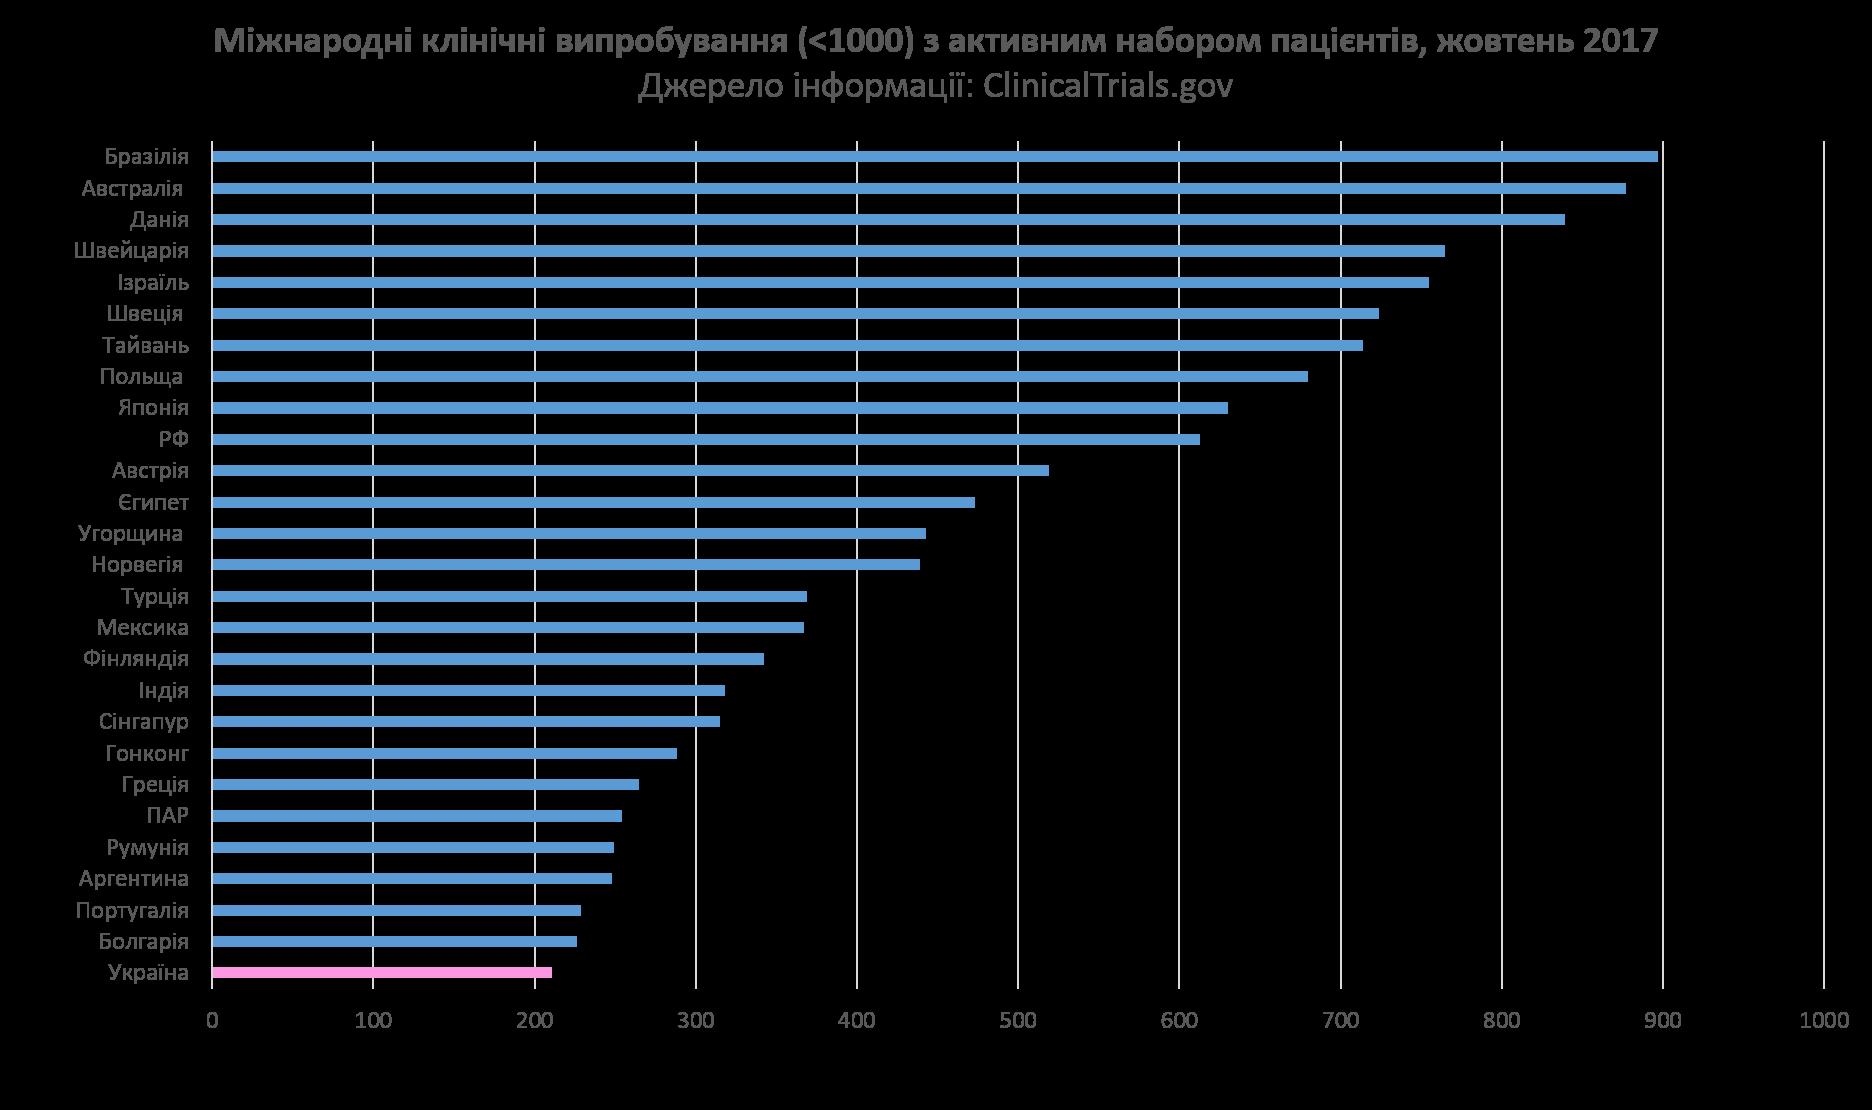 Міжнародні клінічні випробування (менше 1000) з активним набором пацієнтів, жовтень 2017